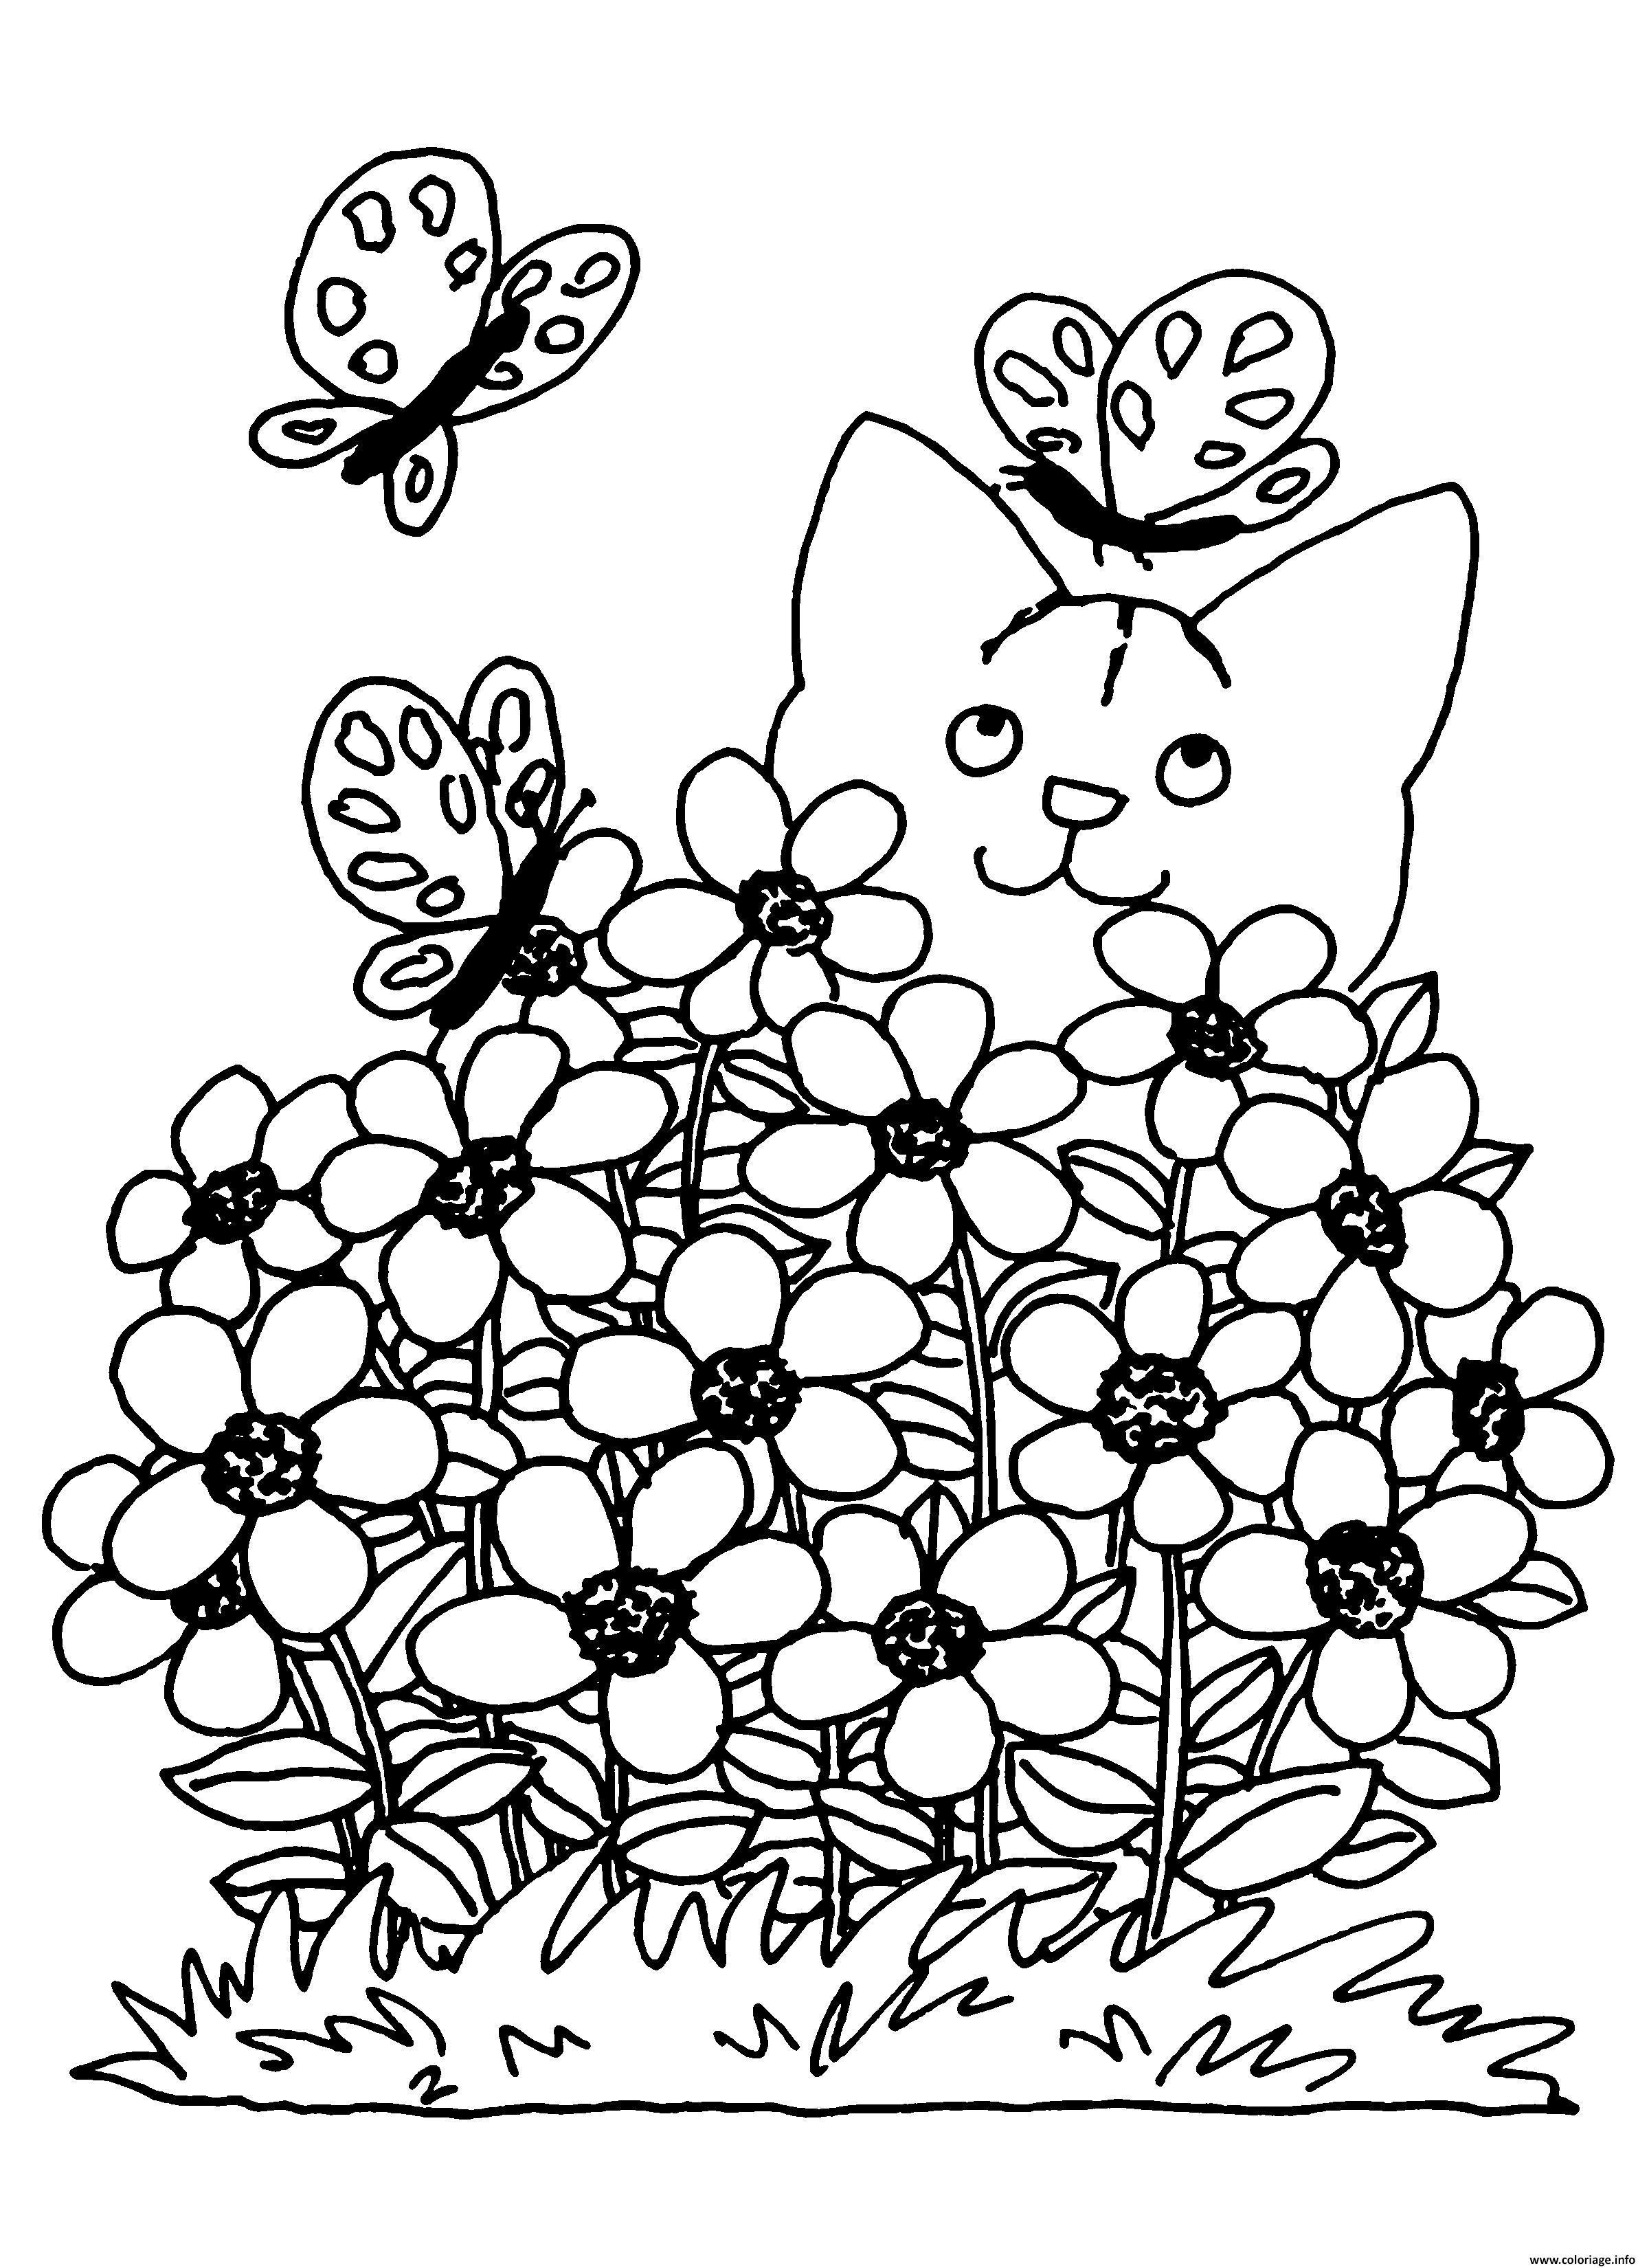 Coloriage Printemps Gratuit.Coloriage Printemps Chat Fleurs Dessin